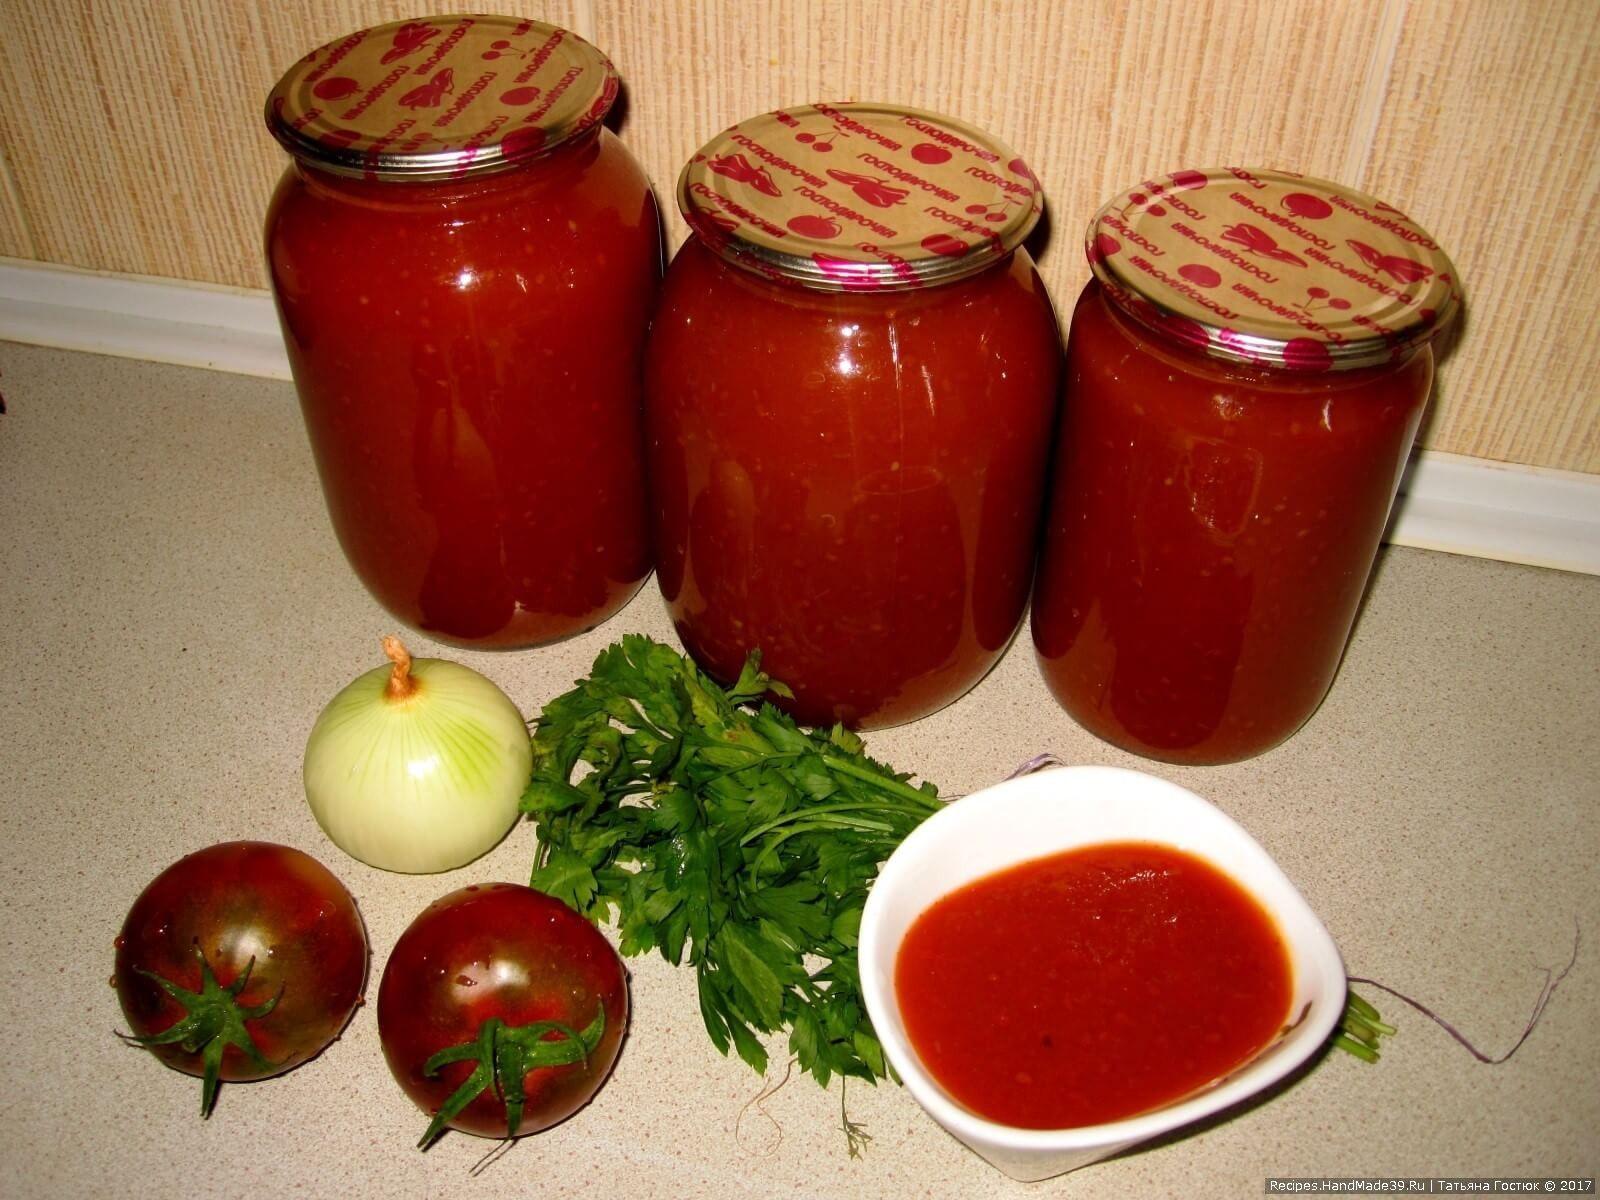 владивостоке семье кетчуп из помидор рецепт с фото авторитетное издание также